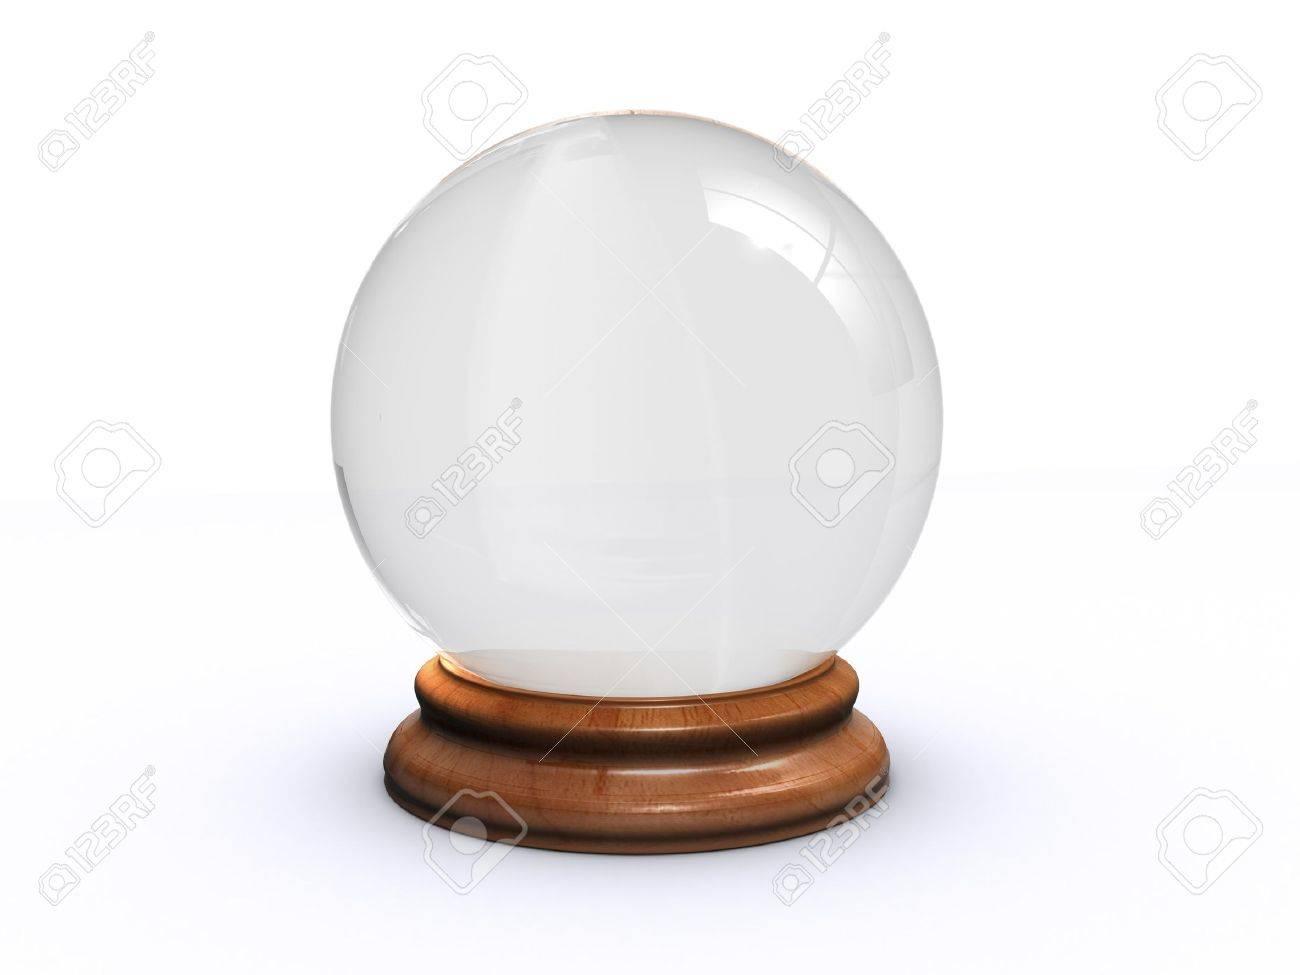 glass ball - 8490697